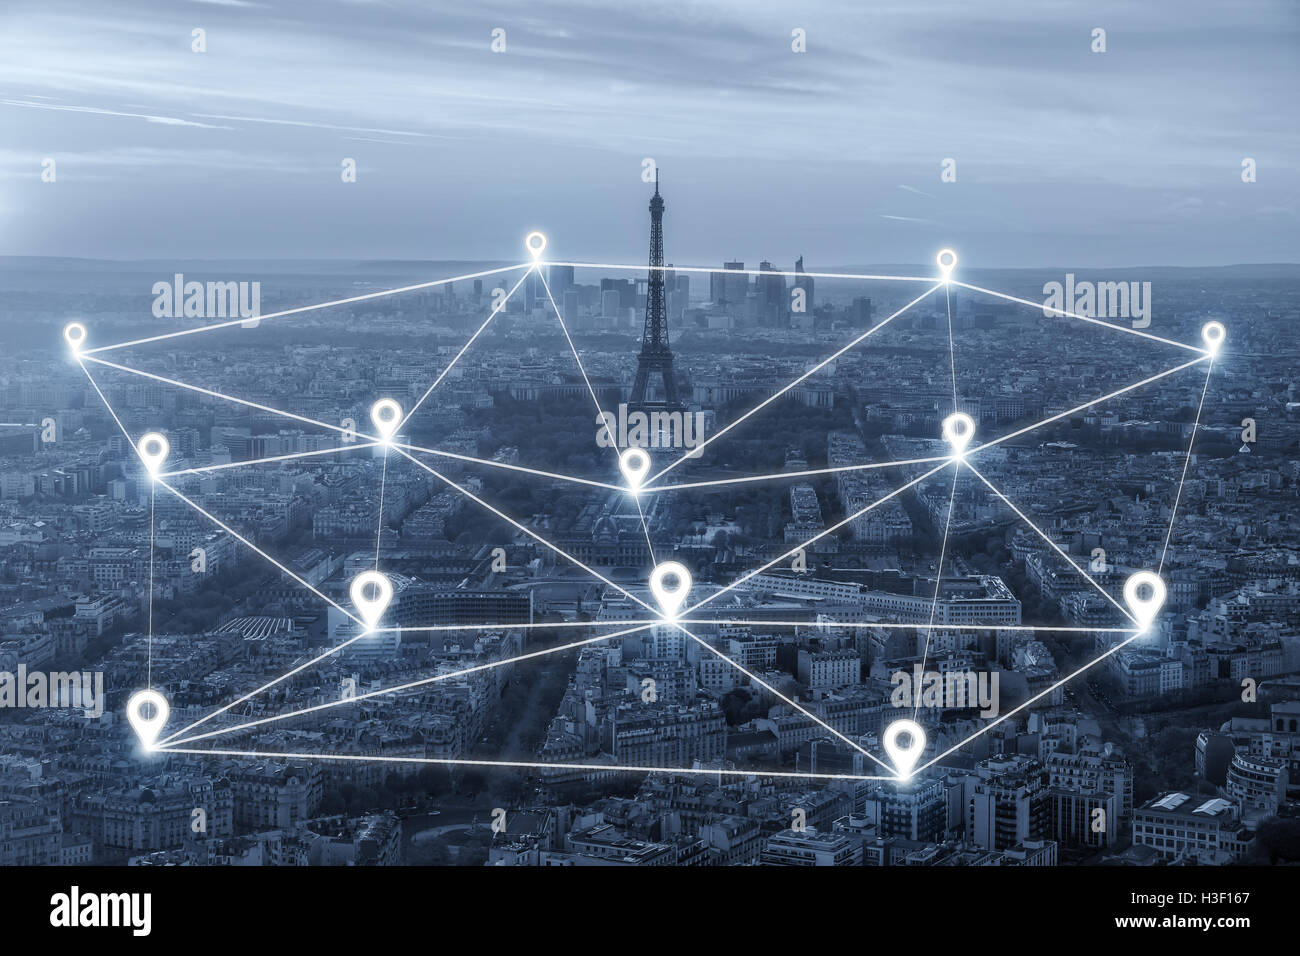 Pin-Netzwerk-Verbindung Karte flach oben über der Stadt Paris. Netzwerk-Verbindung-Konzept Stockbild